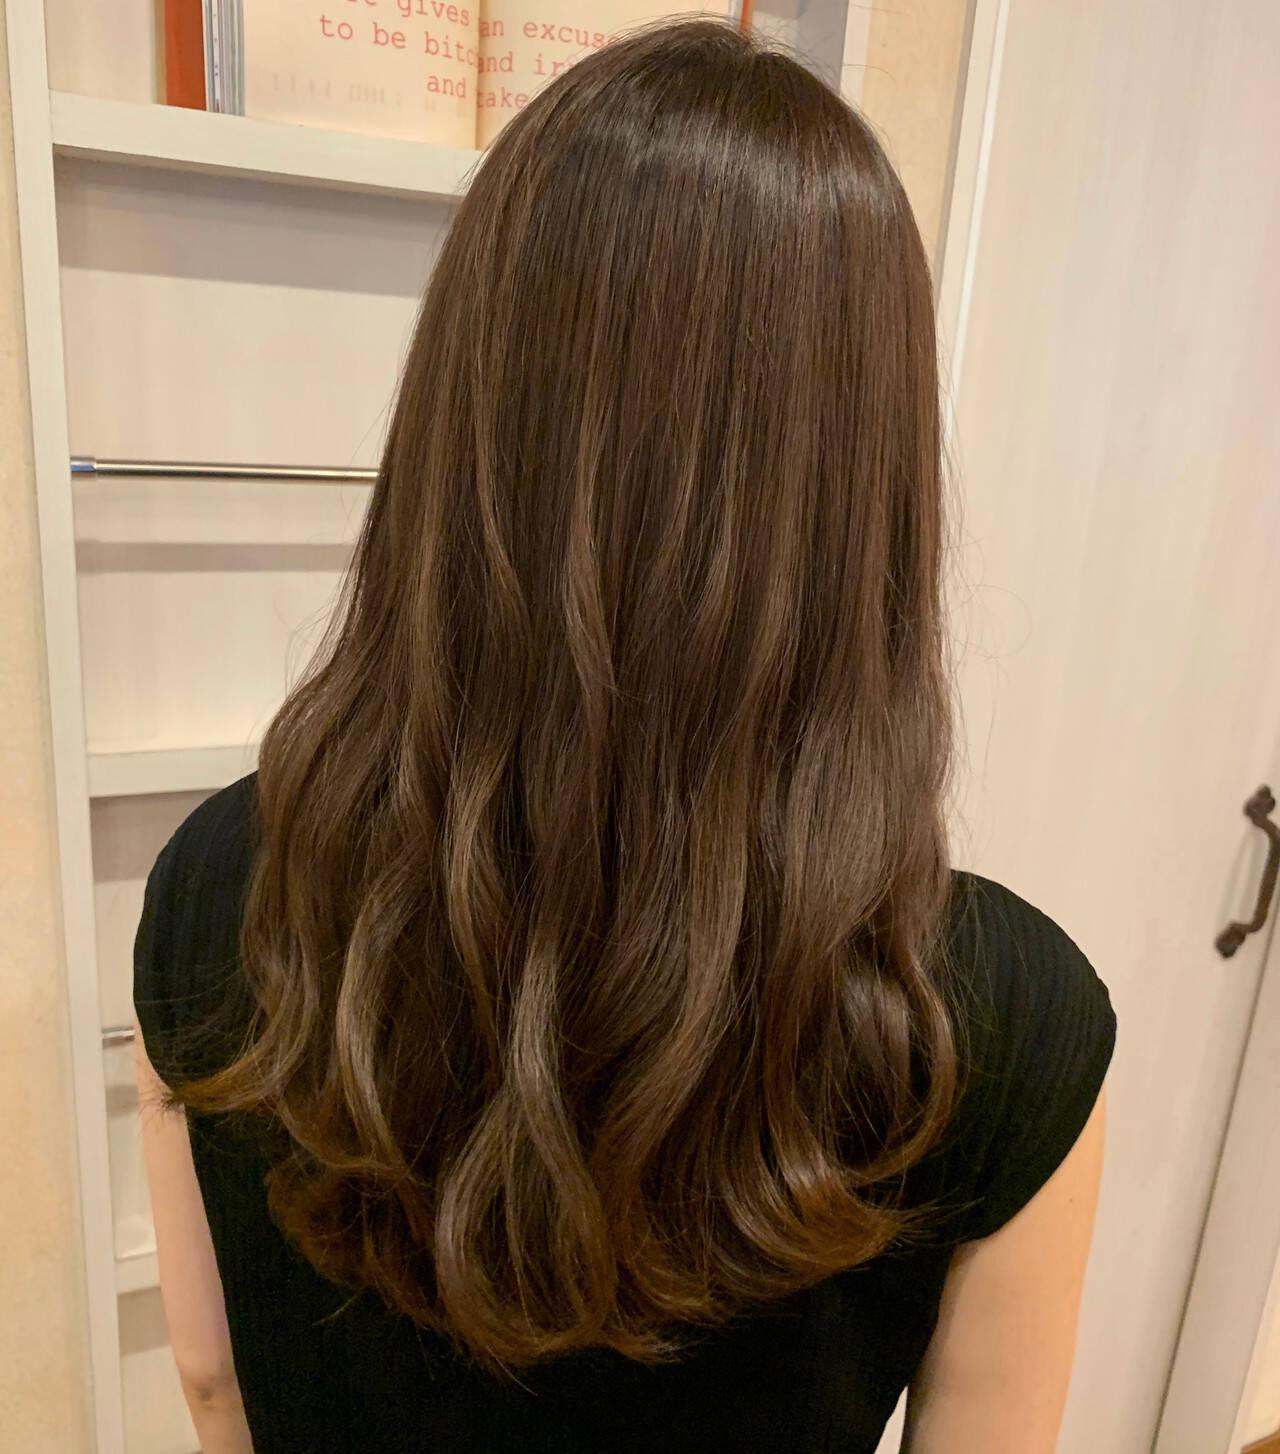 髪質改善トリートメント 大人かわいい ゆるふわパーマ ロングヘアスタイルや髪型の写真・画像